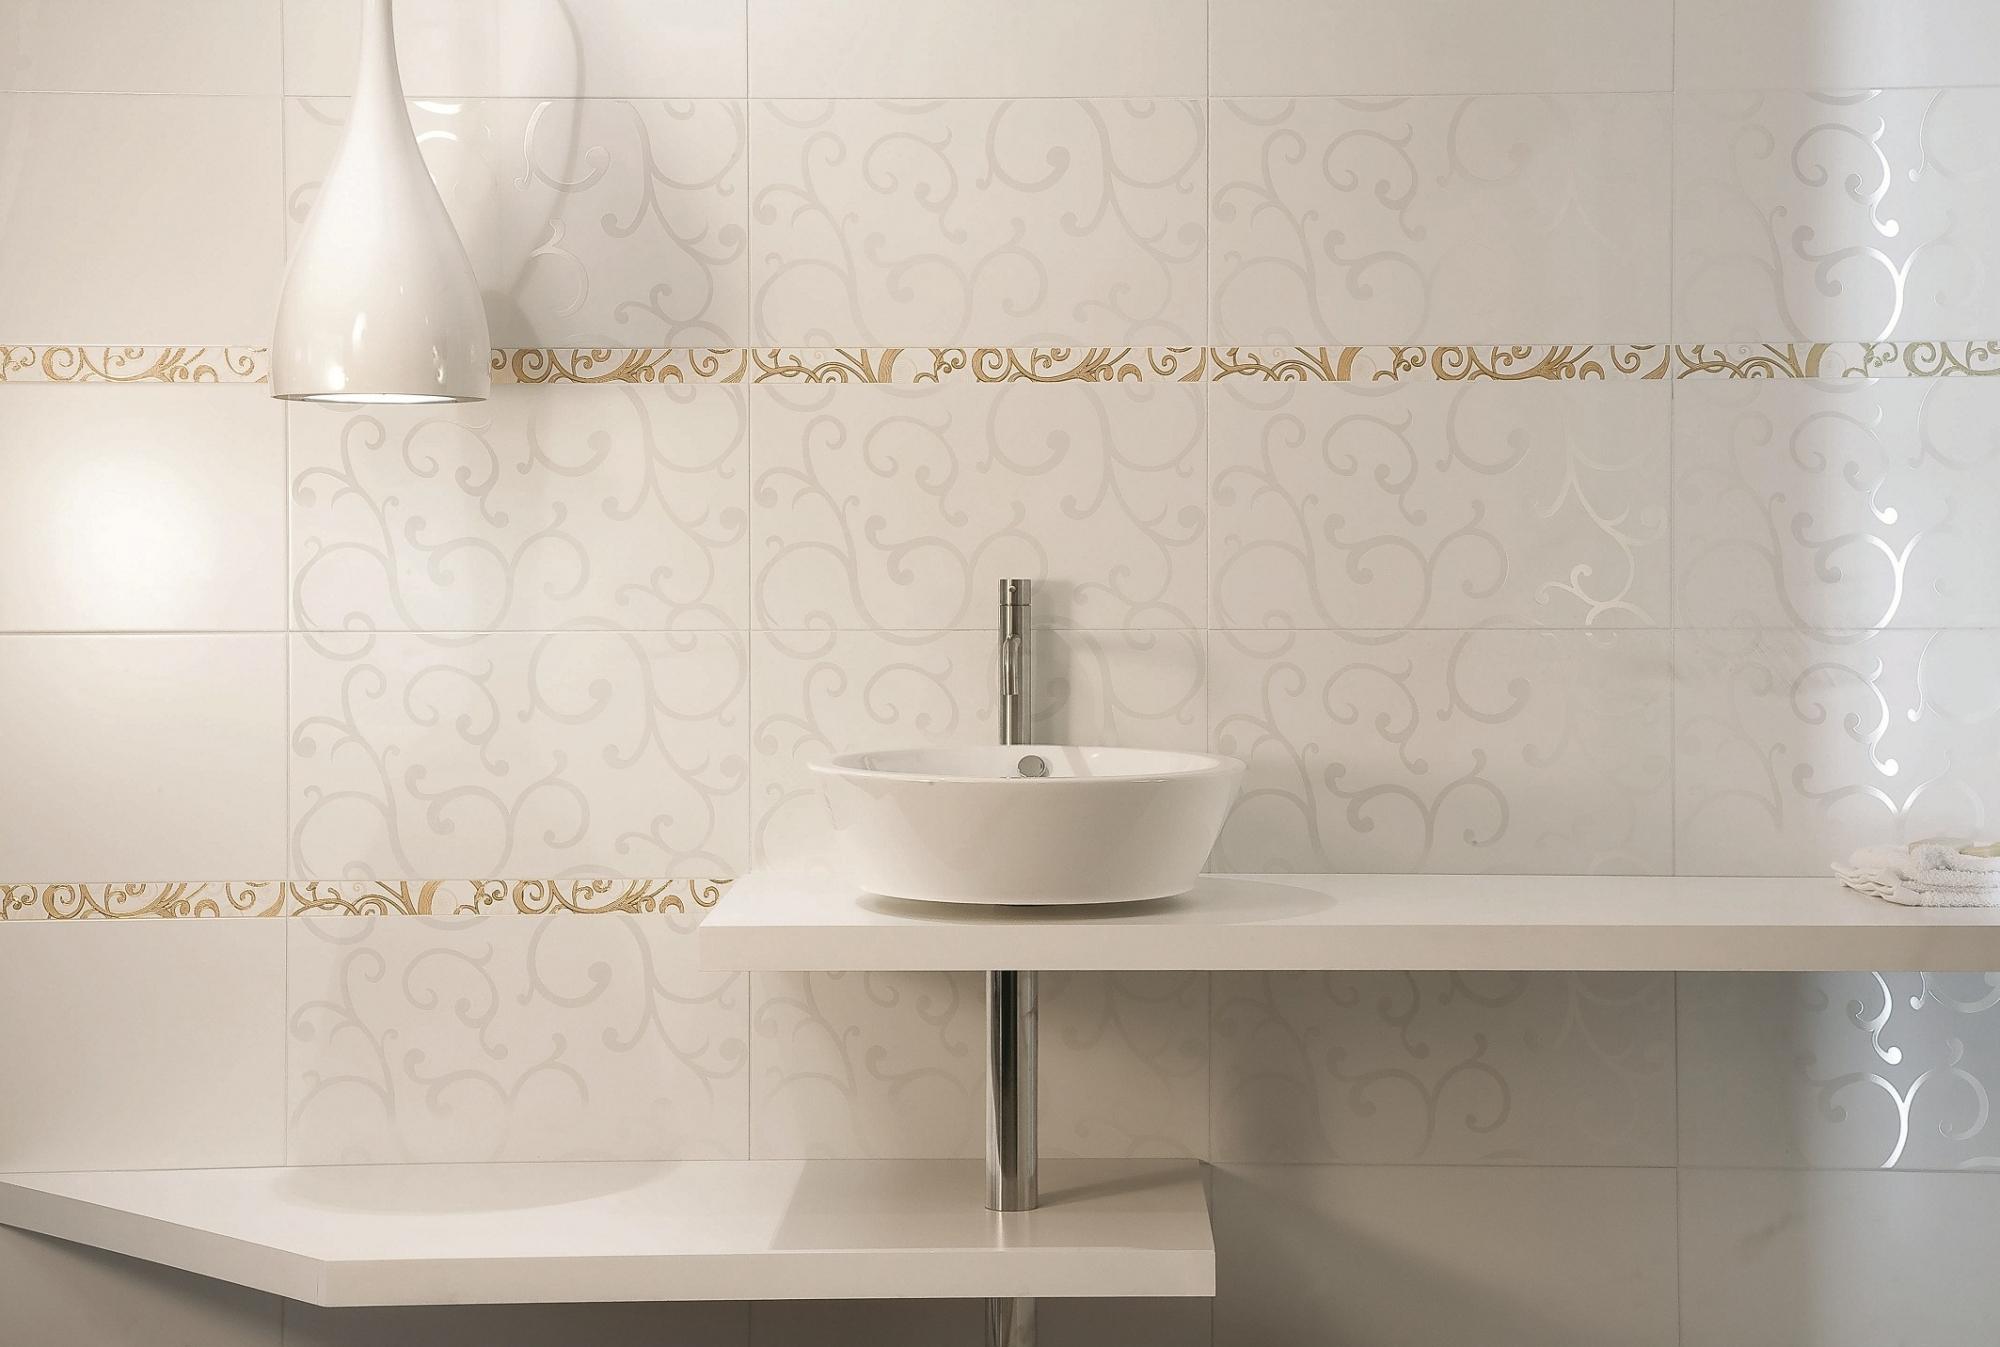 В московской квартире в ванной оборудовали бассейн